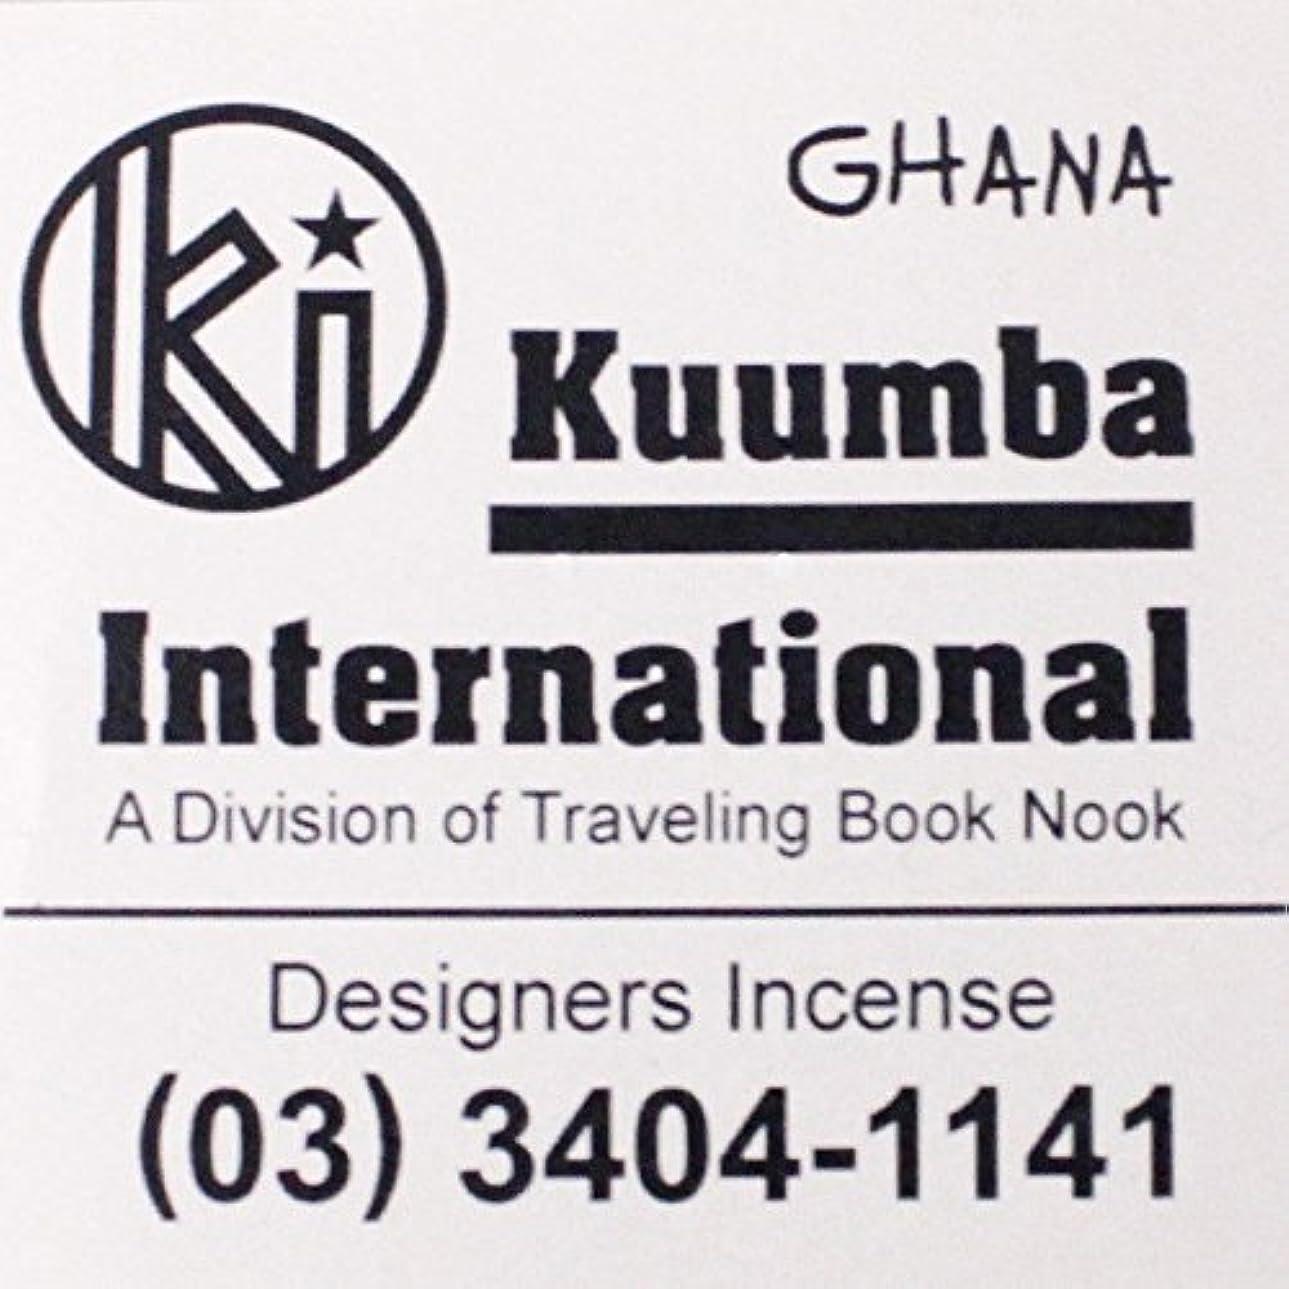 地下に対応息を切らして(クンバ) KUUMBA『incense』(GHANA) (Regular size)